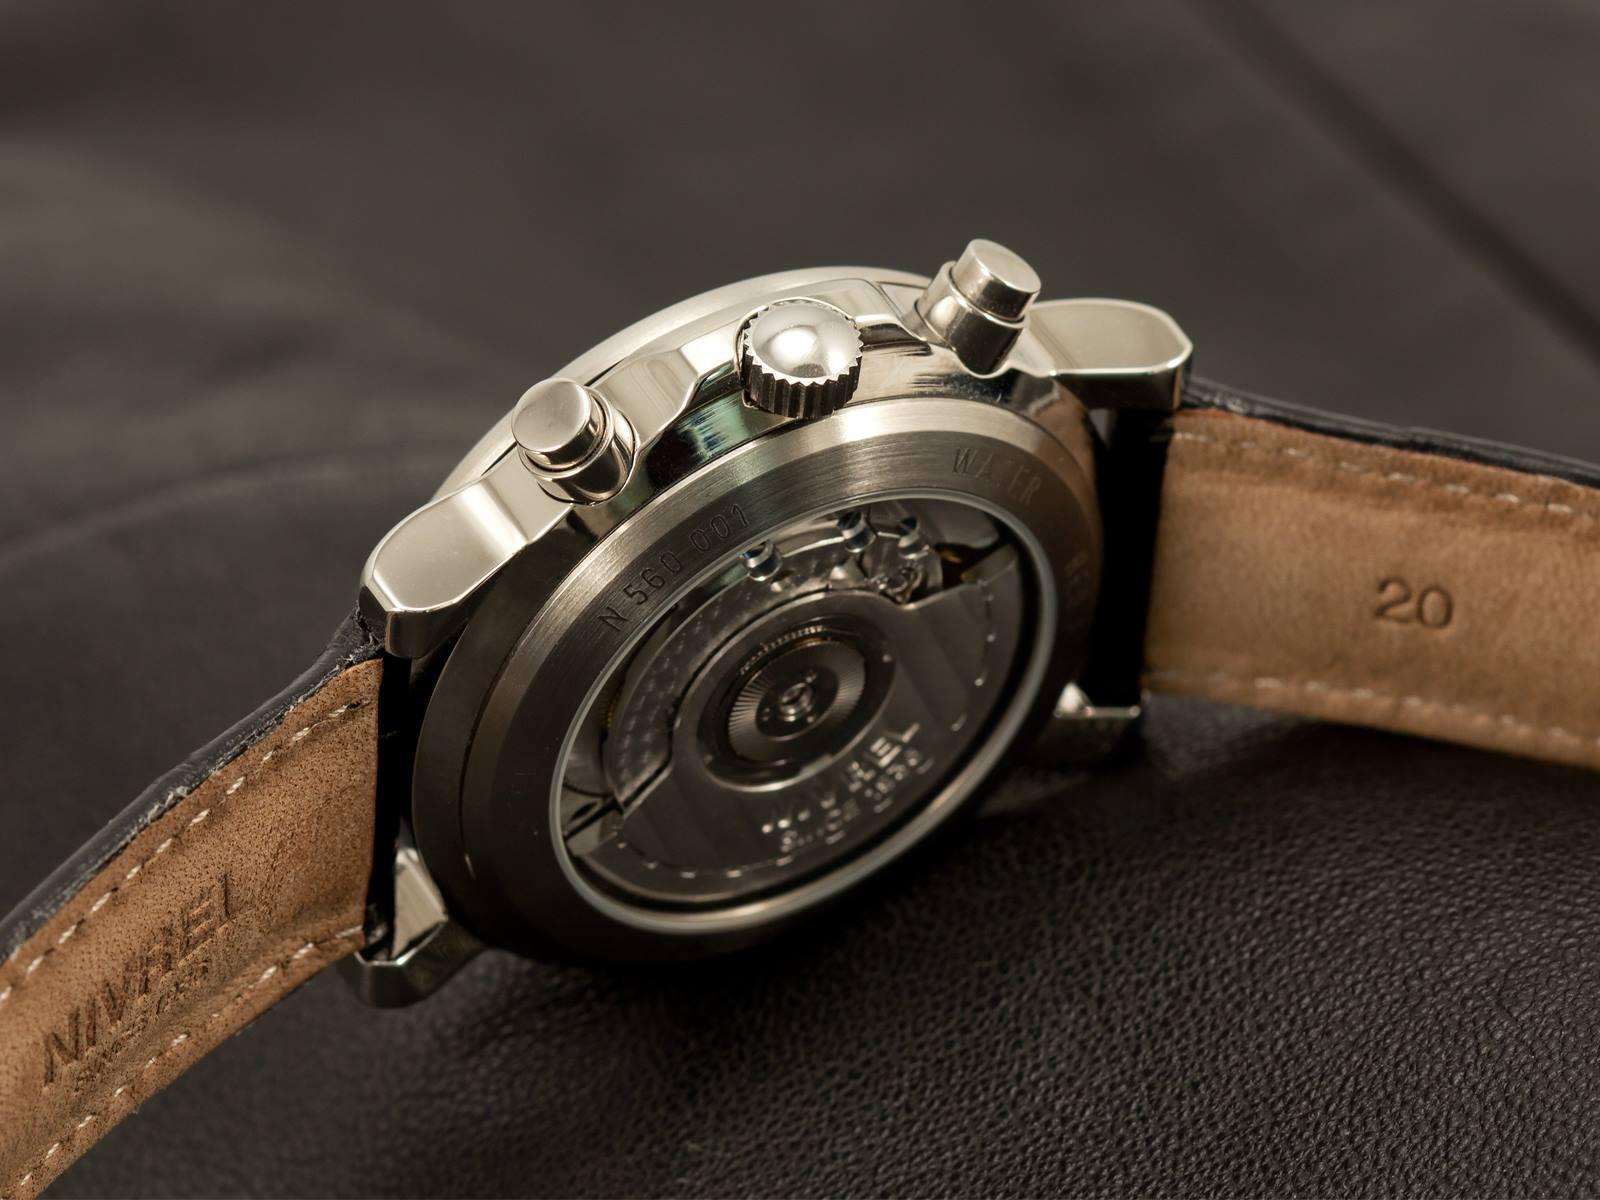 Kliknite za sliku za veću verziju  Ime:Nivrel-Heritage-Chronographe-Minutes-satovi-5.jpg Viđeno:150 Veličina:148,9 KB ID:84737